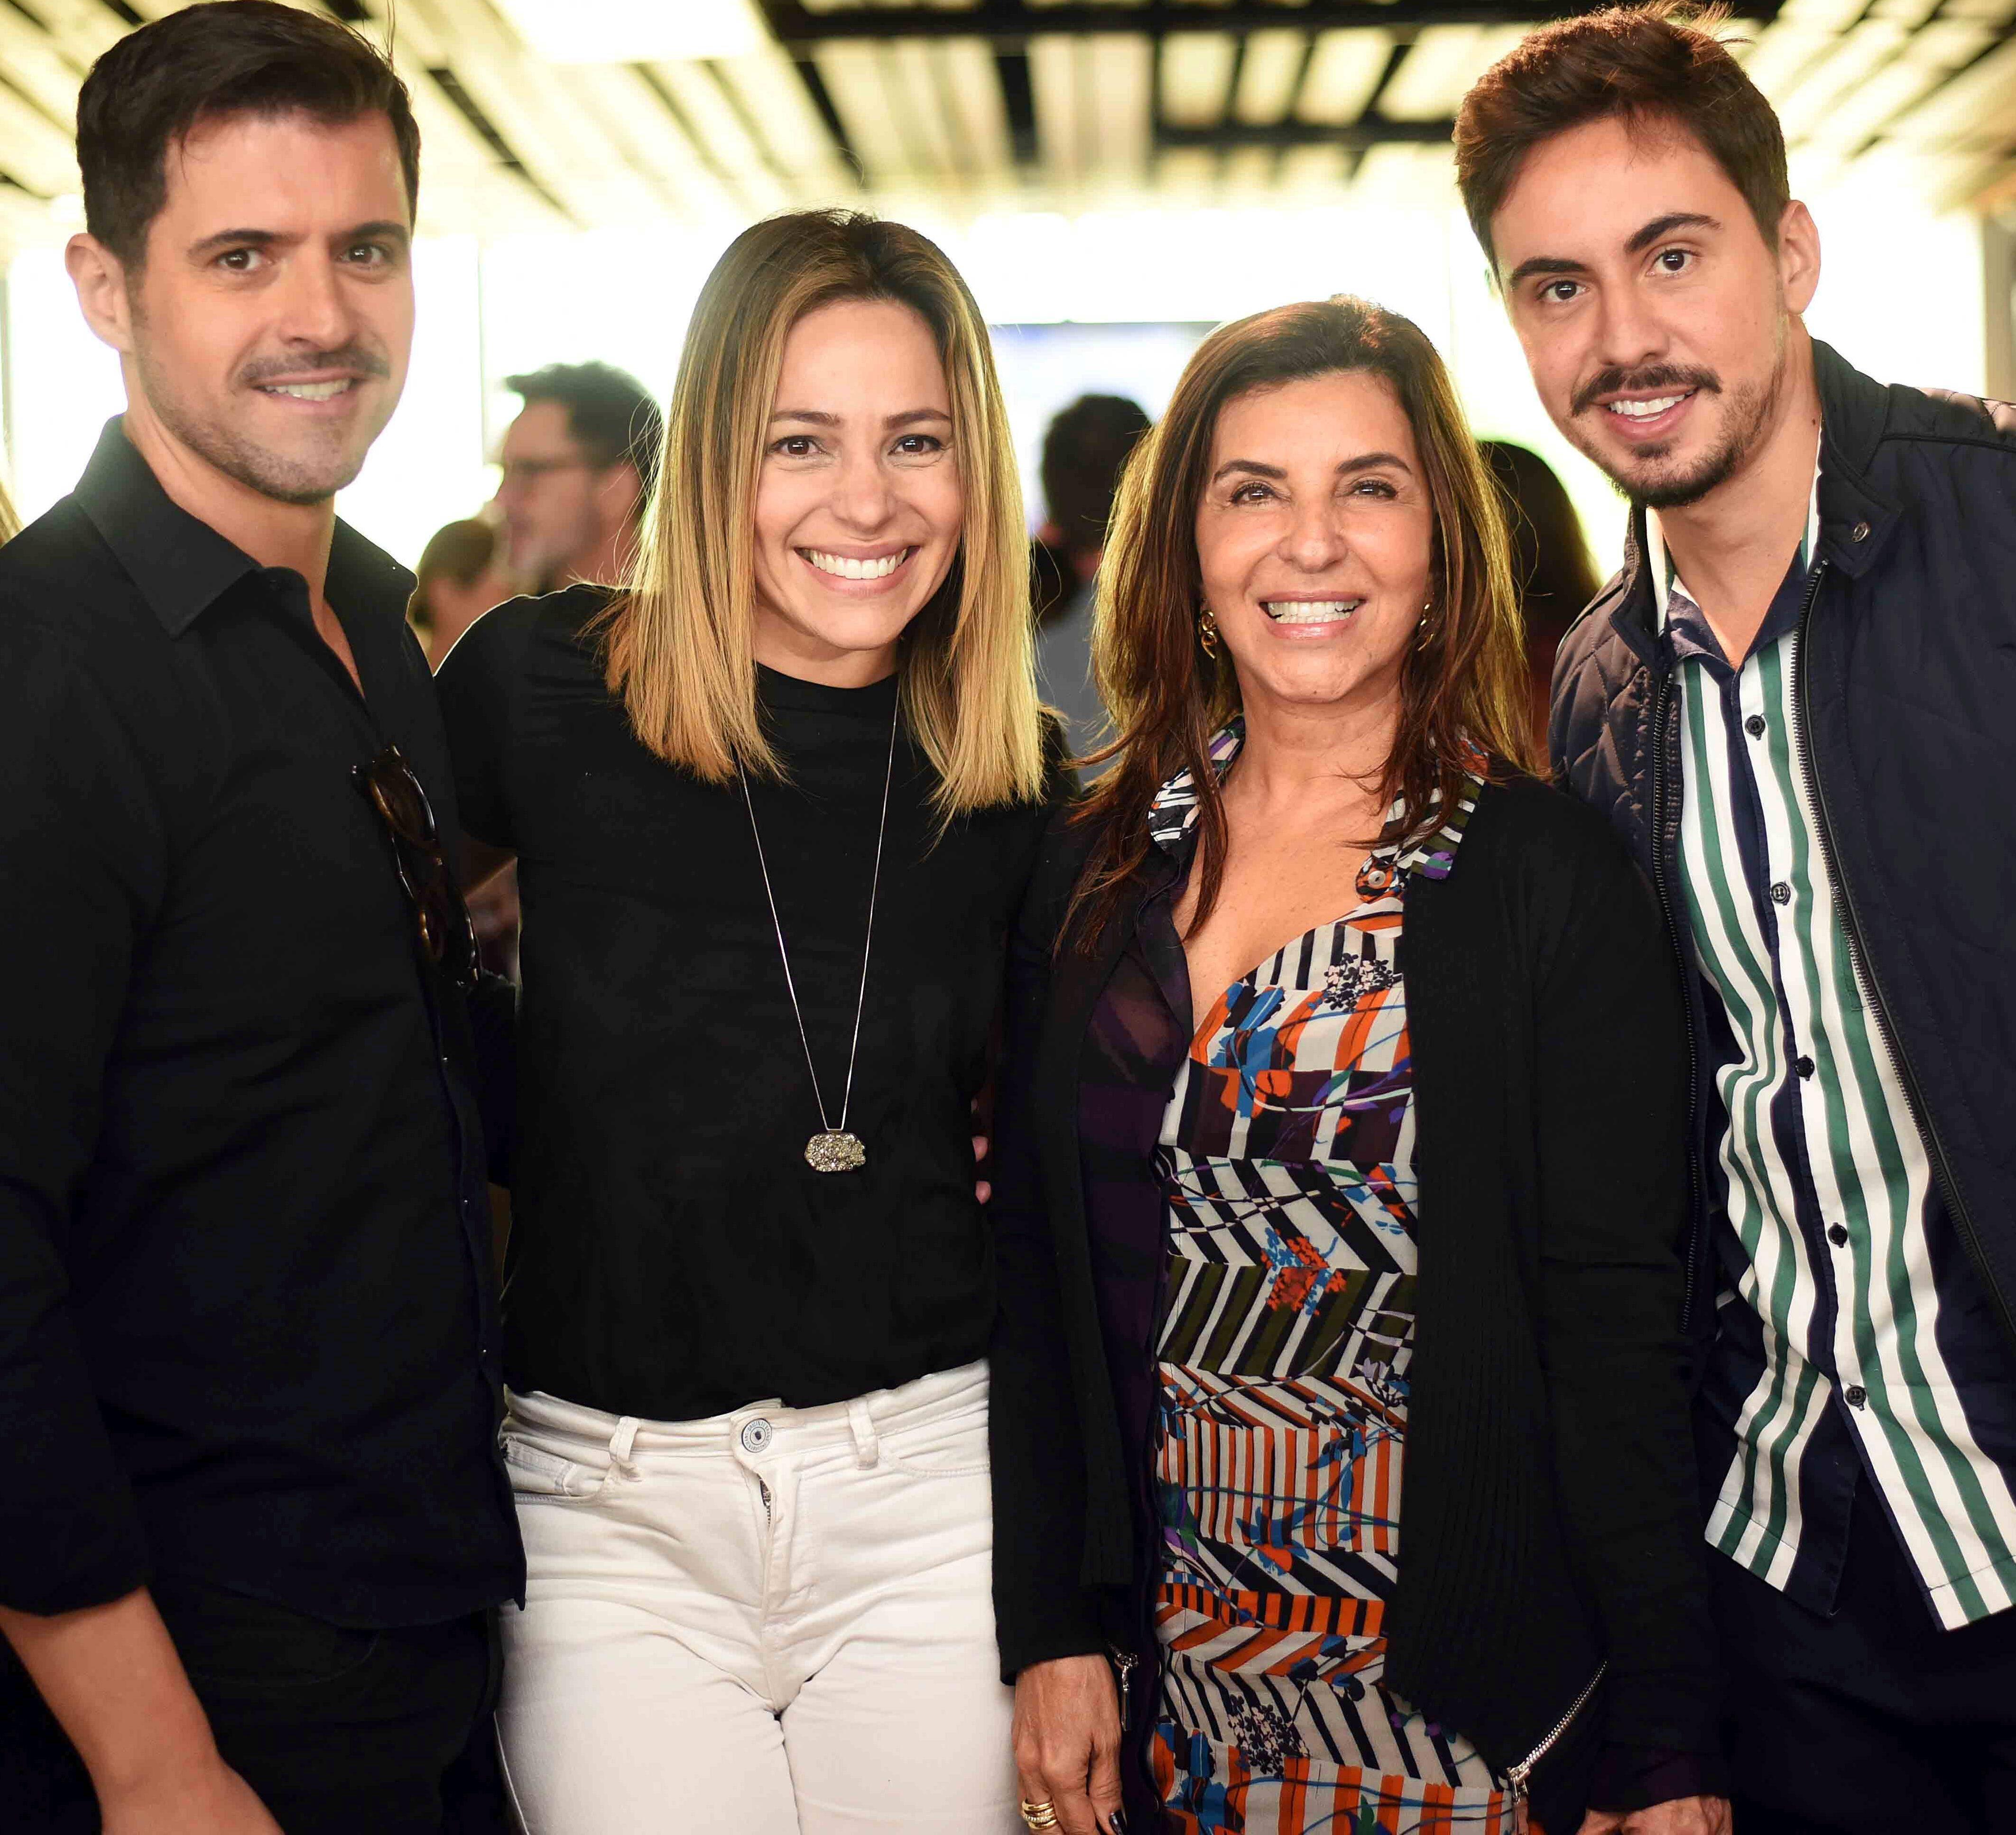 Rodrigo Barbosa, Teka Mesquita, Lenora Lohrisch e Bernardo Gaudie  / Foto: Ari Kaye